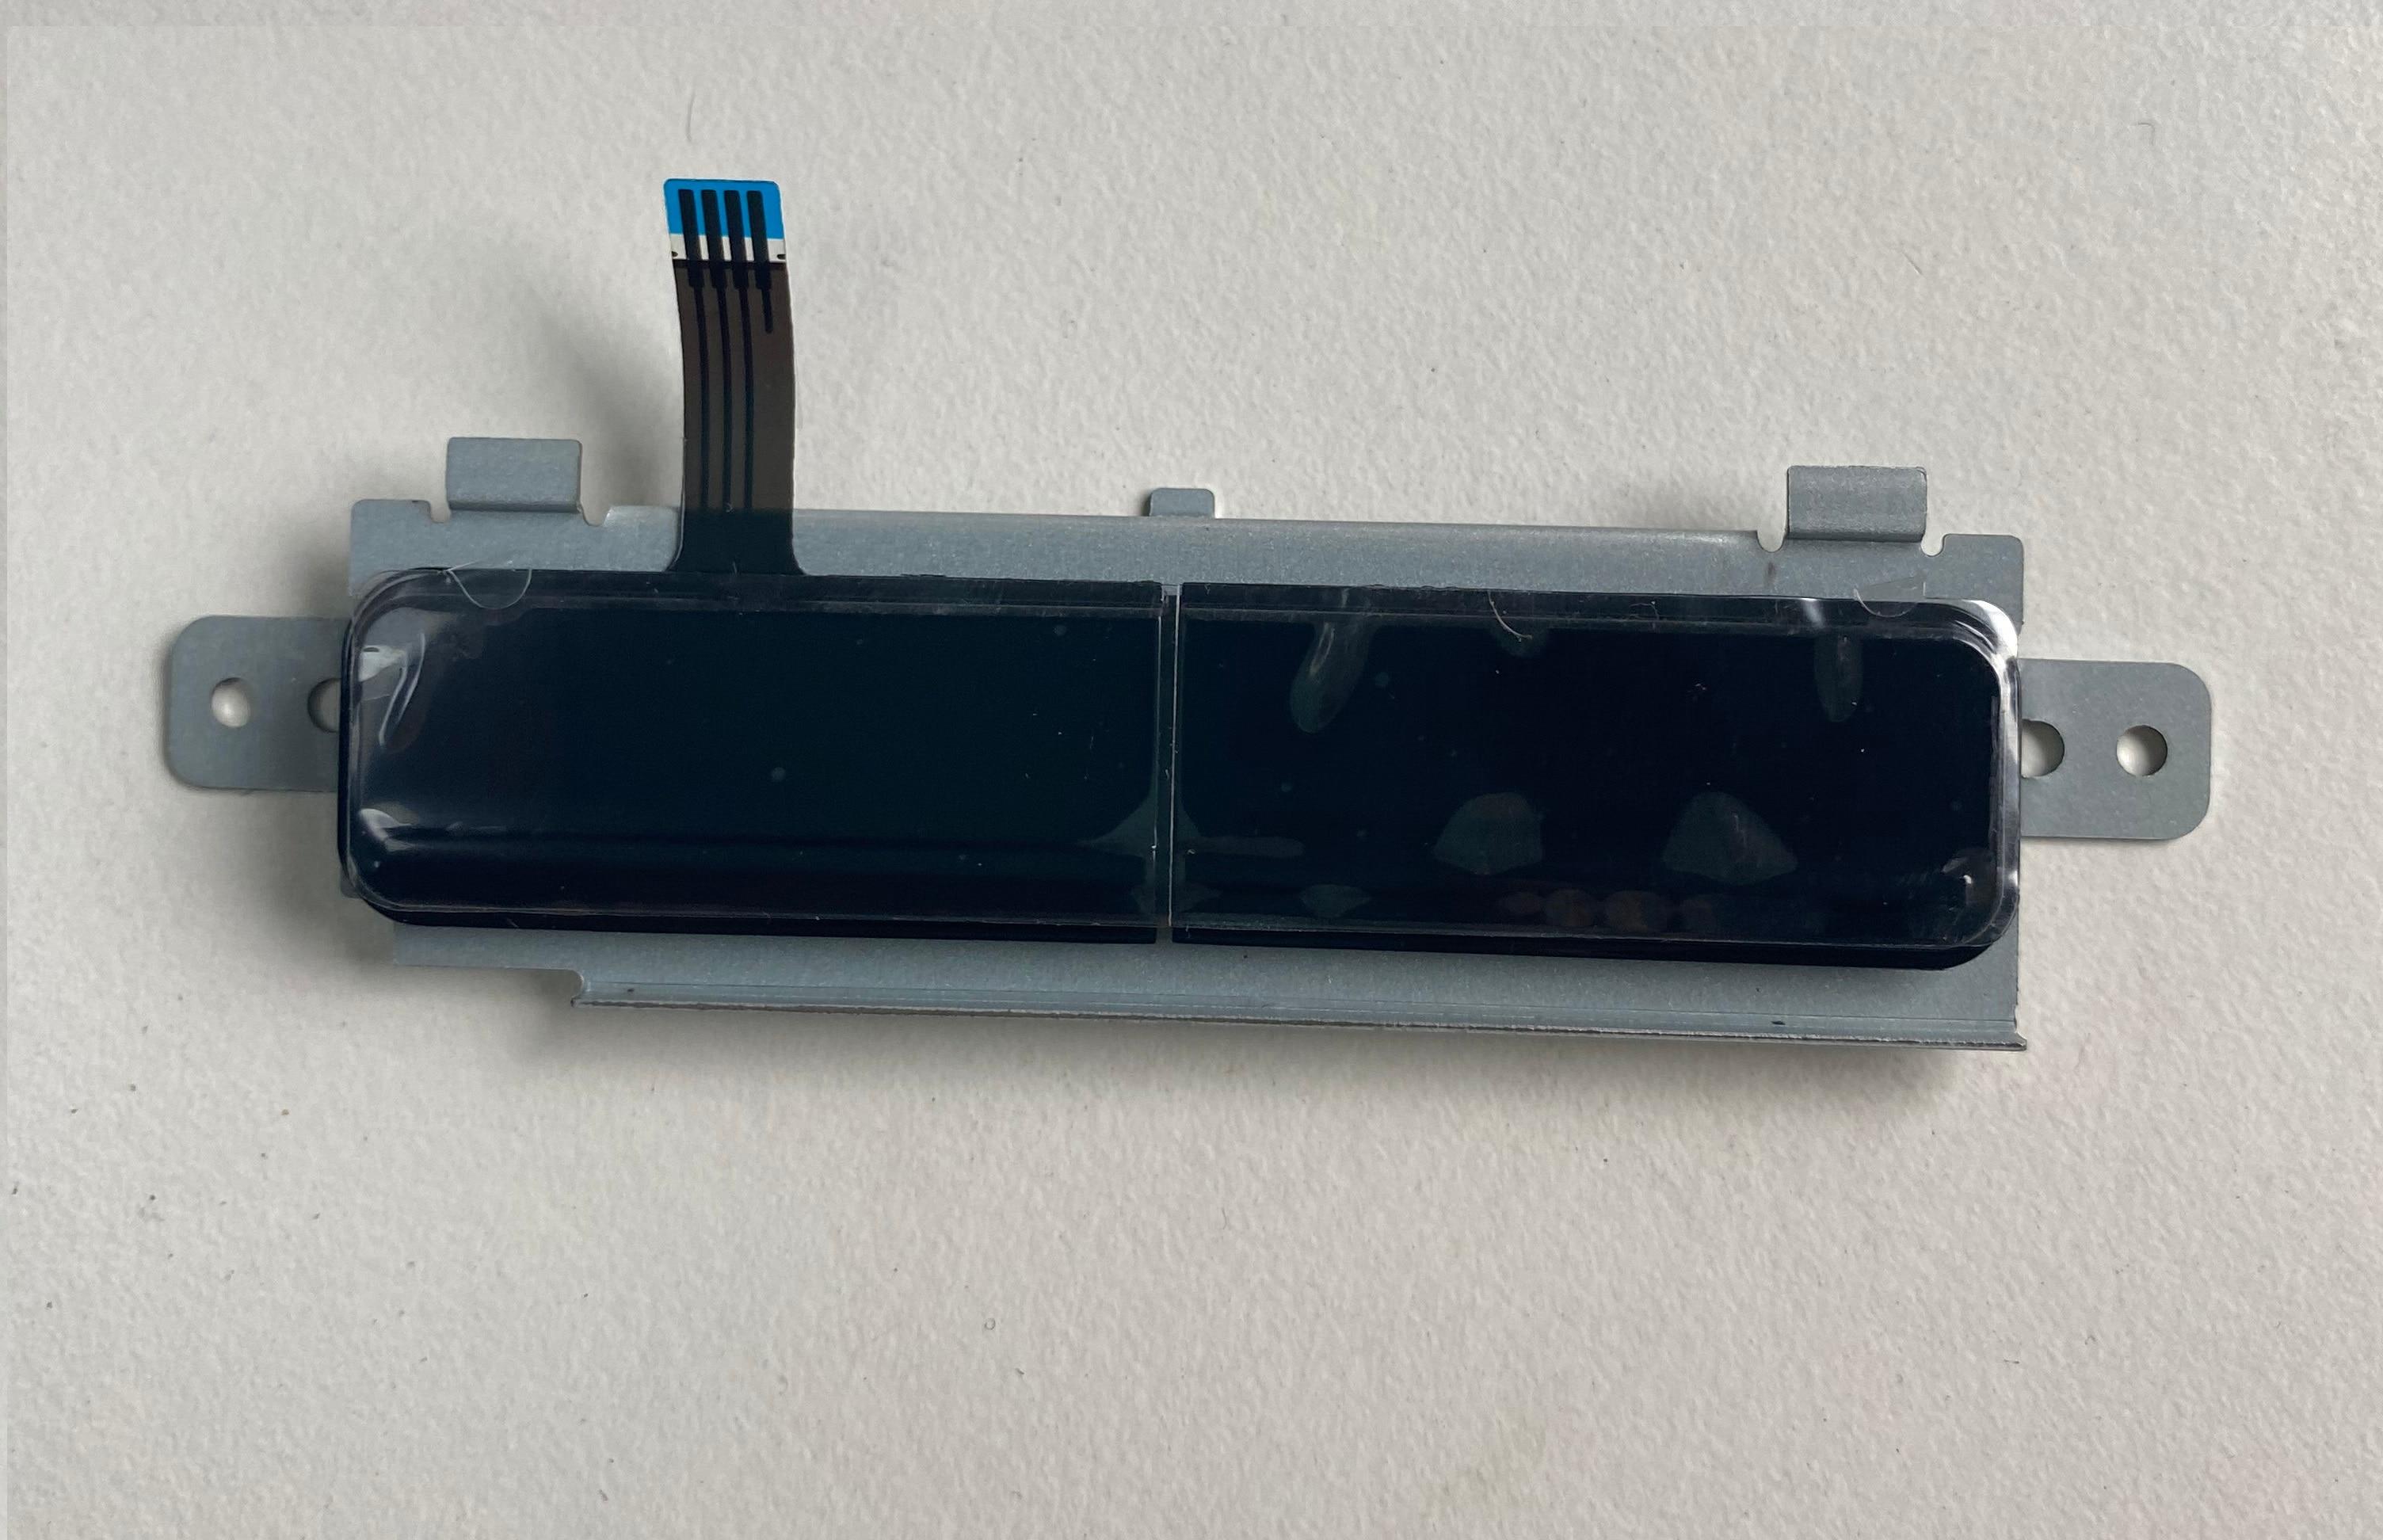 1 Uds nuevo Original botón Assy para Dell Inspiron 1545 1525 notebook Botón izquierdo y derecho 60 4AQ10.011 shell botón